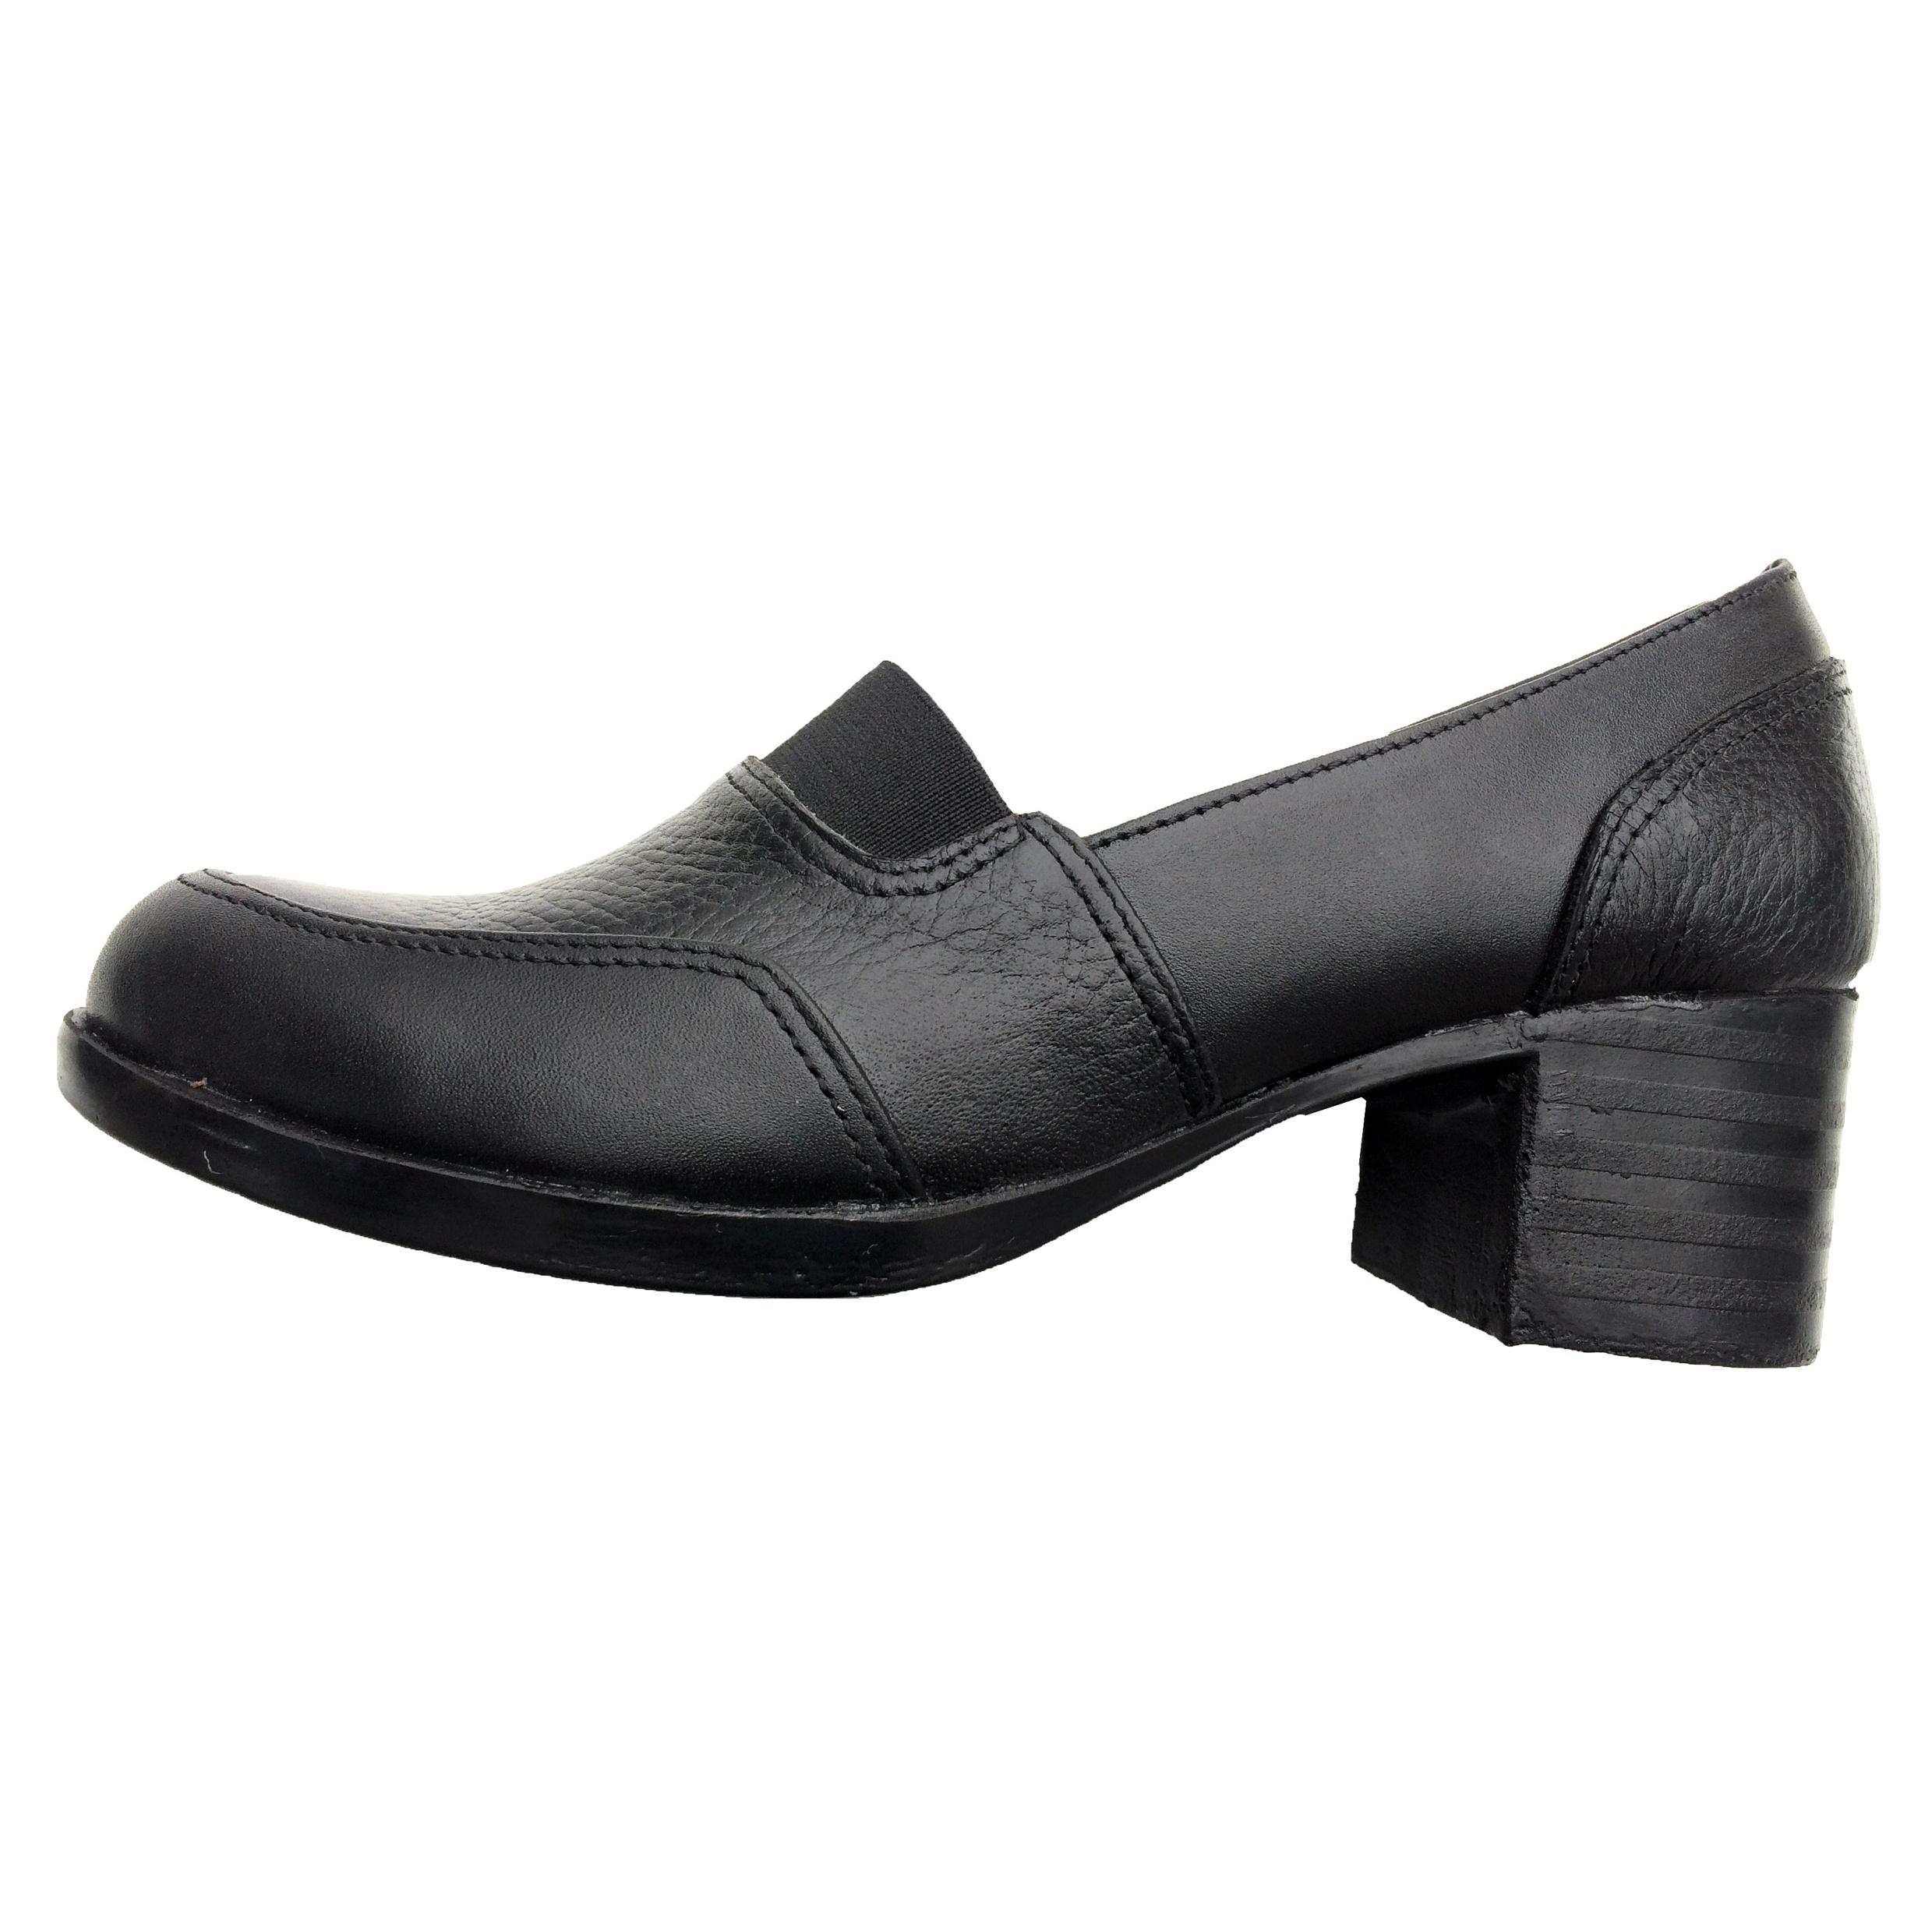 کفش زنانه مدل lux001